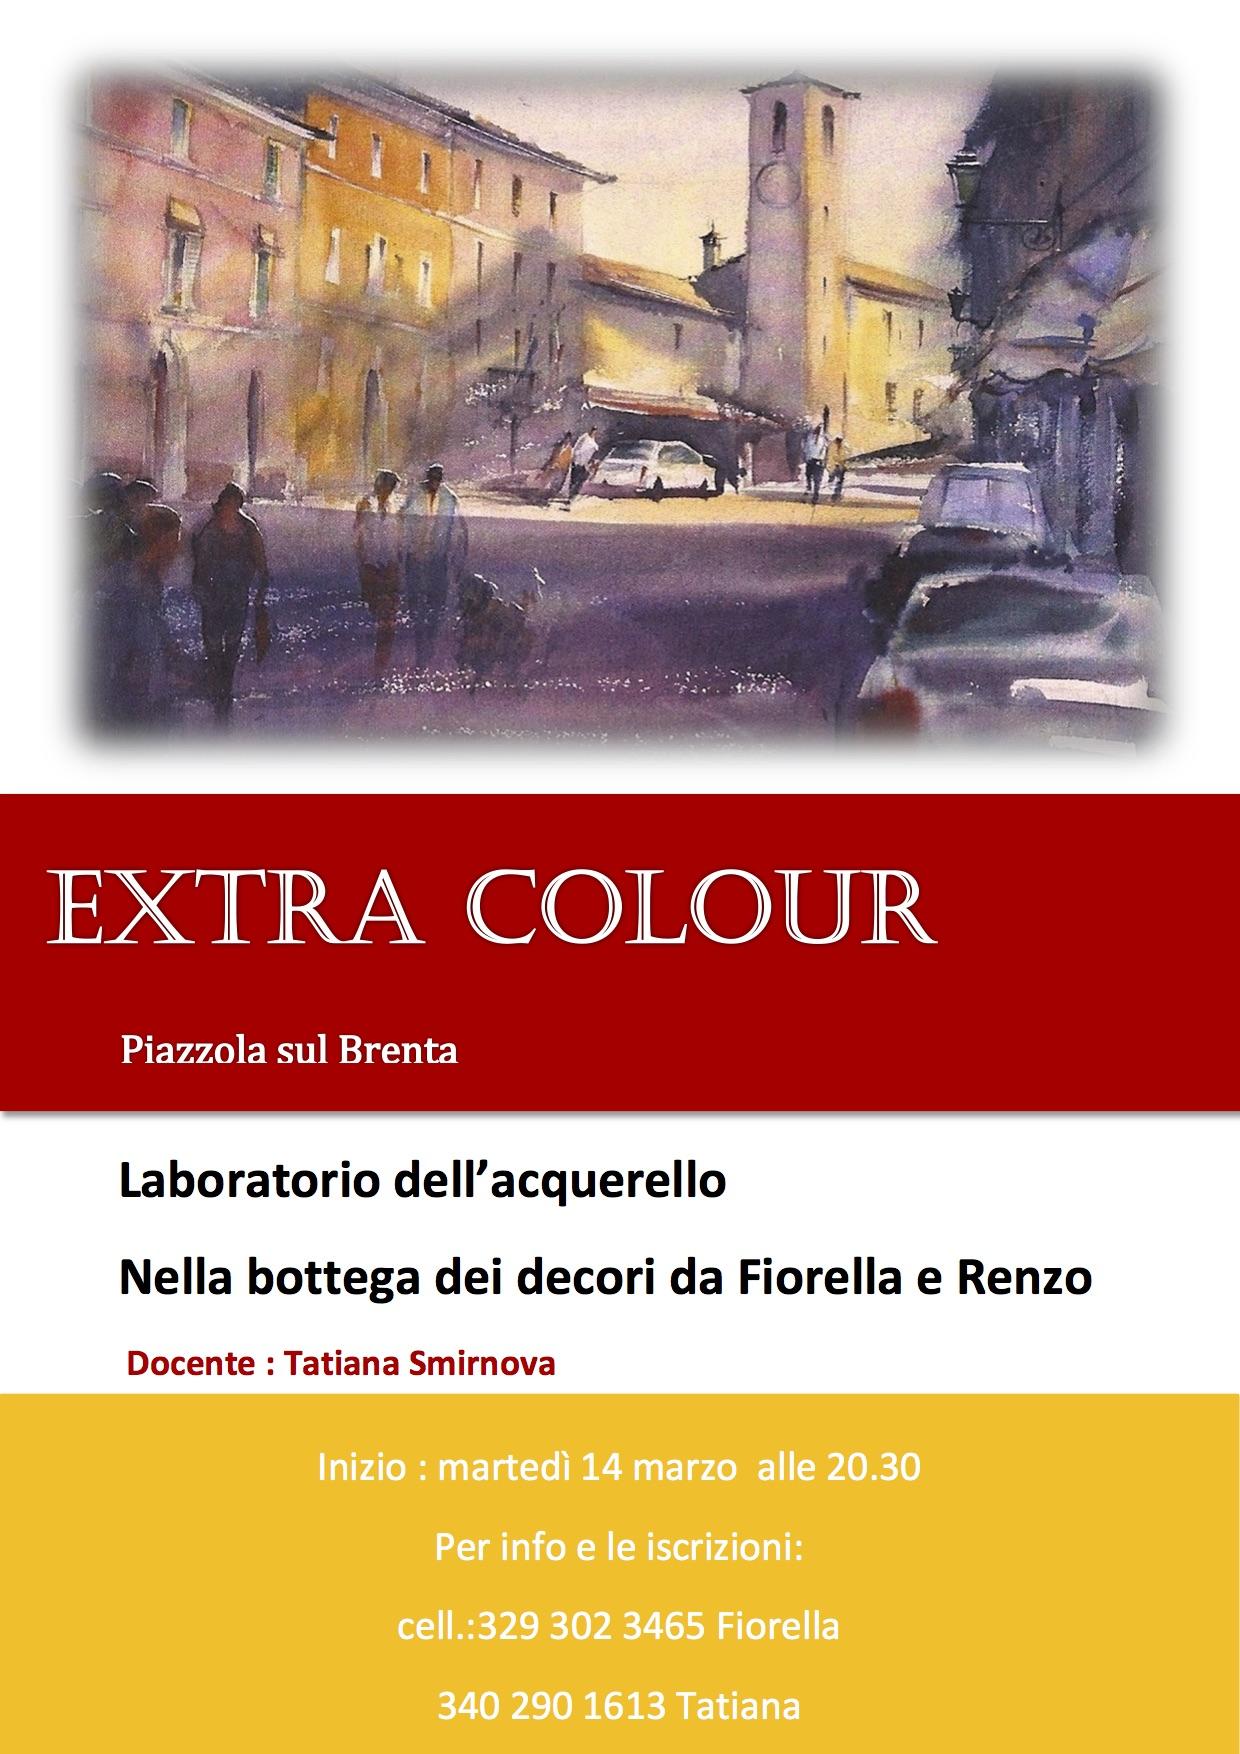 corso da Renzo e Fiorella 2017